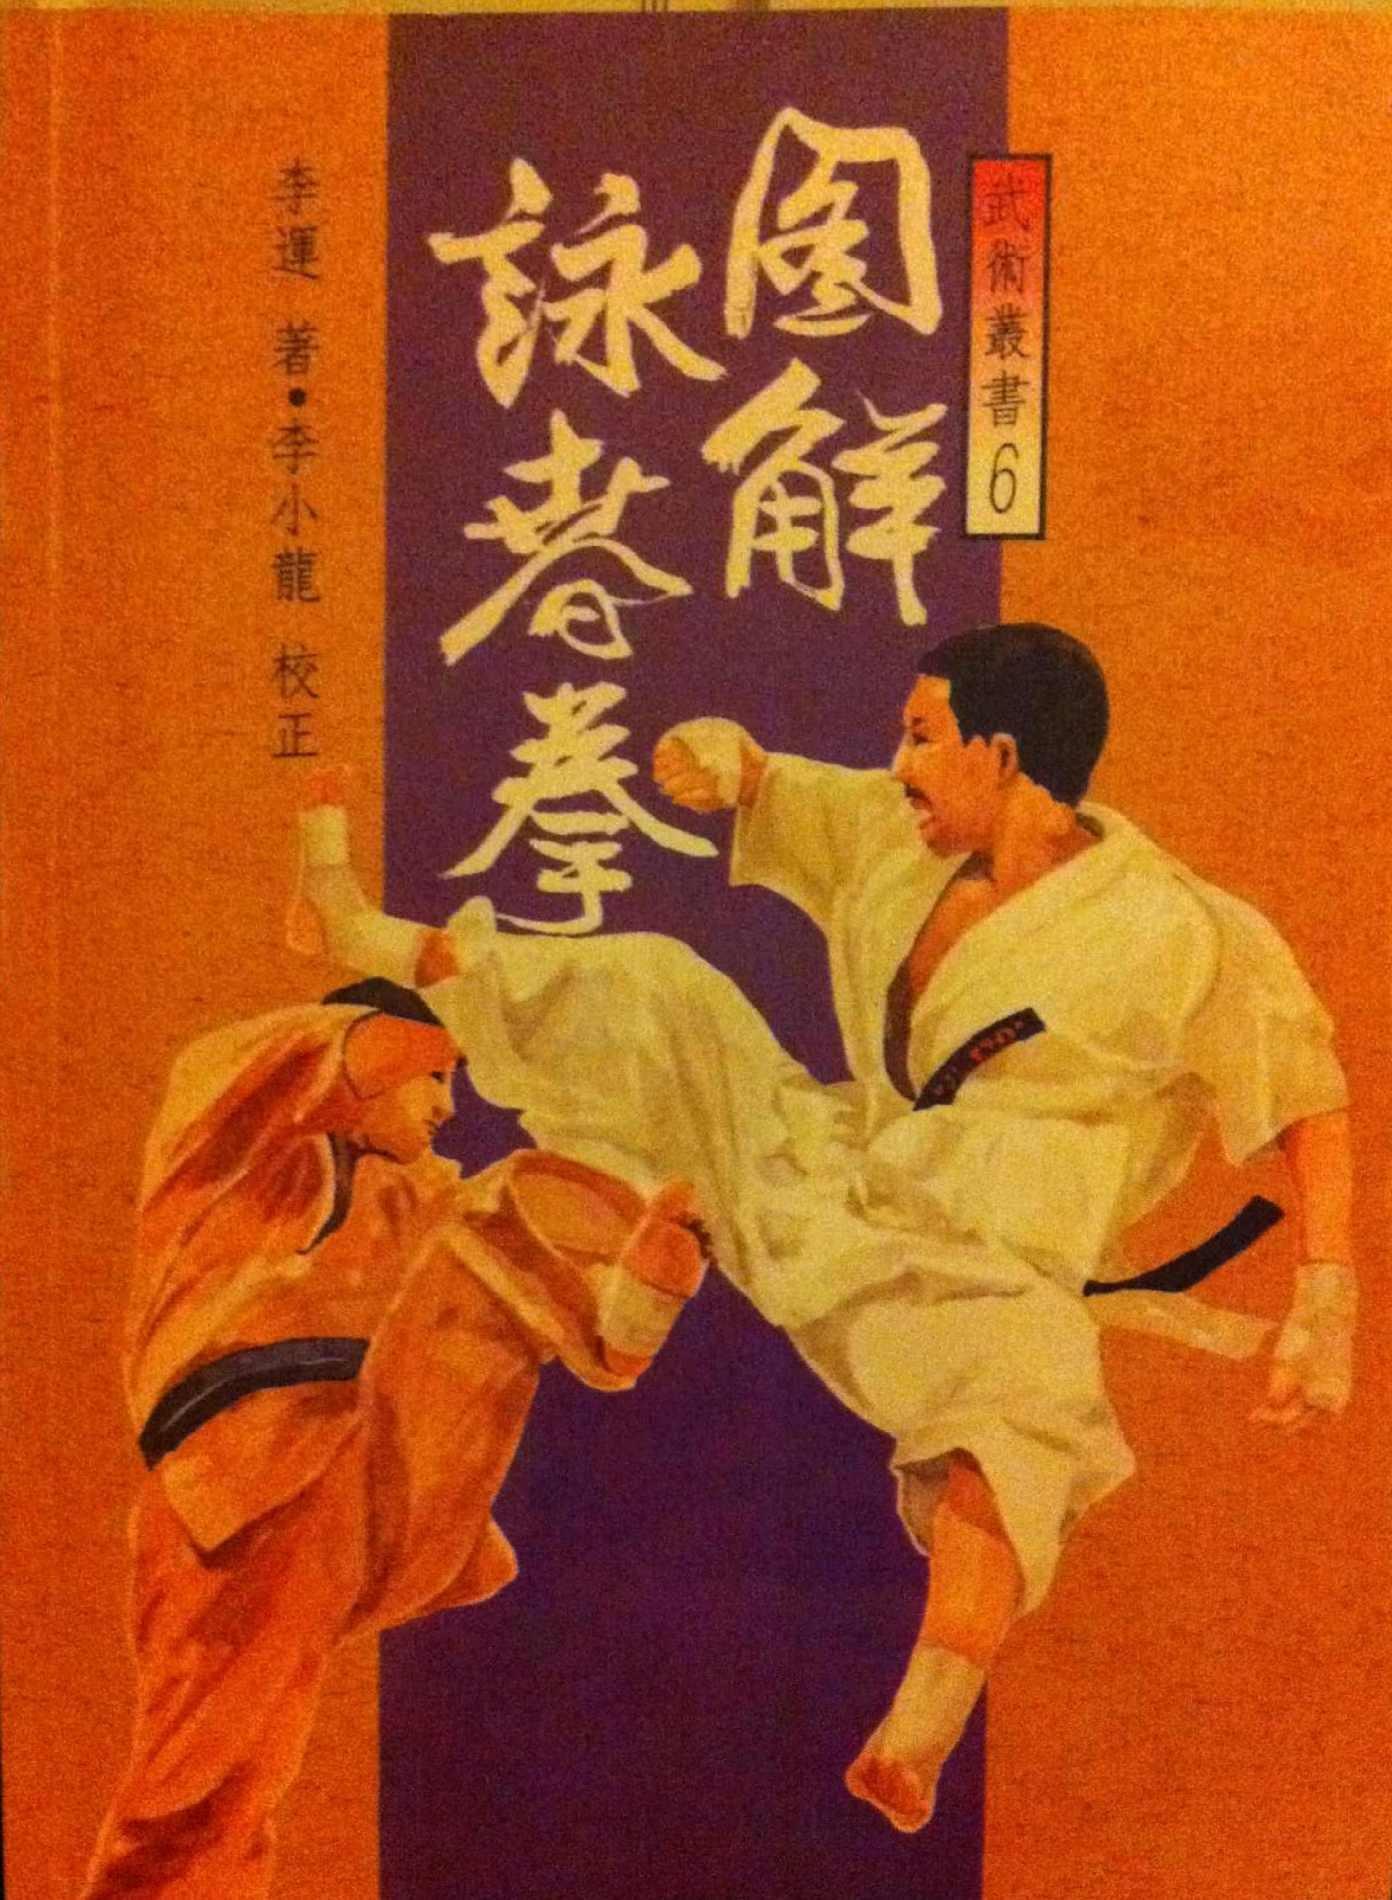 圖解詠春拳